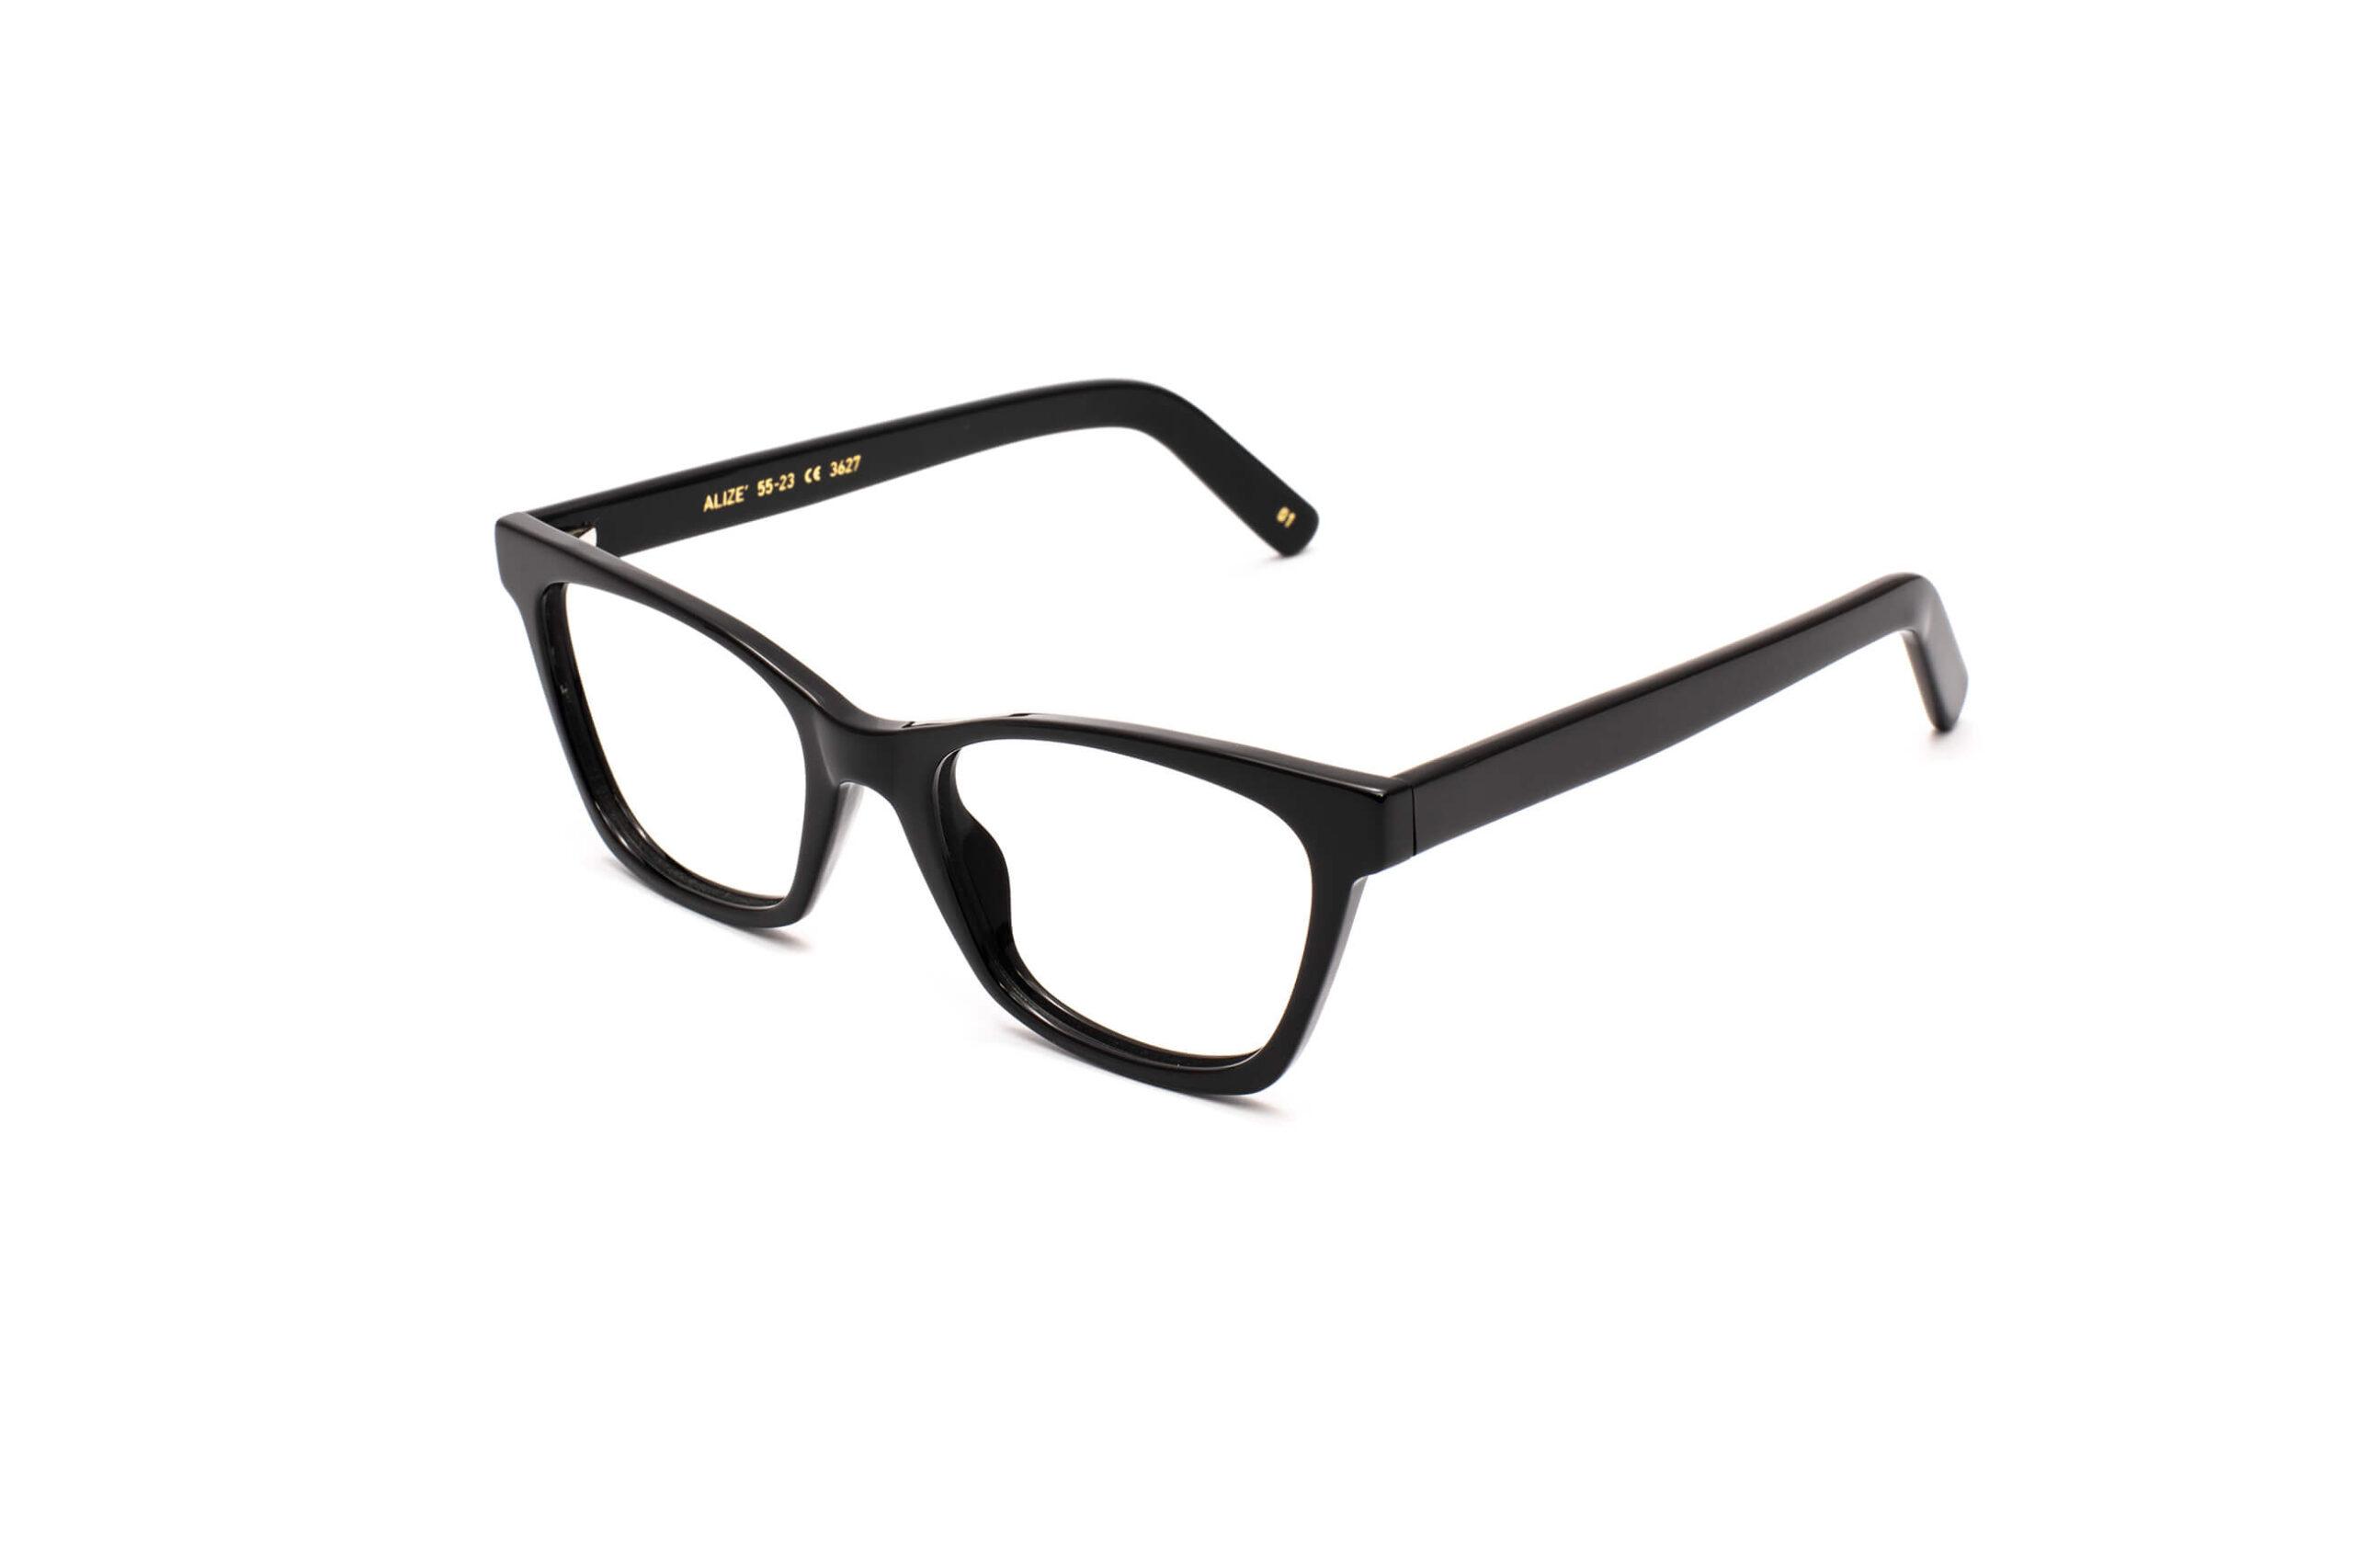 occhiale da vista lgr modello alizè colore nero